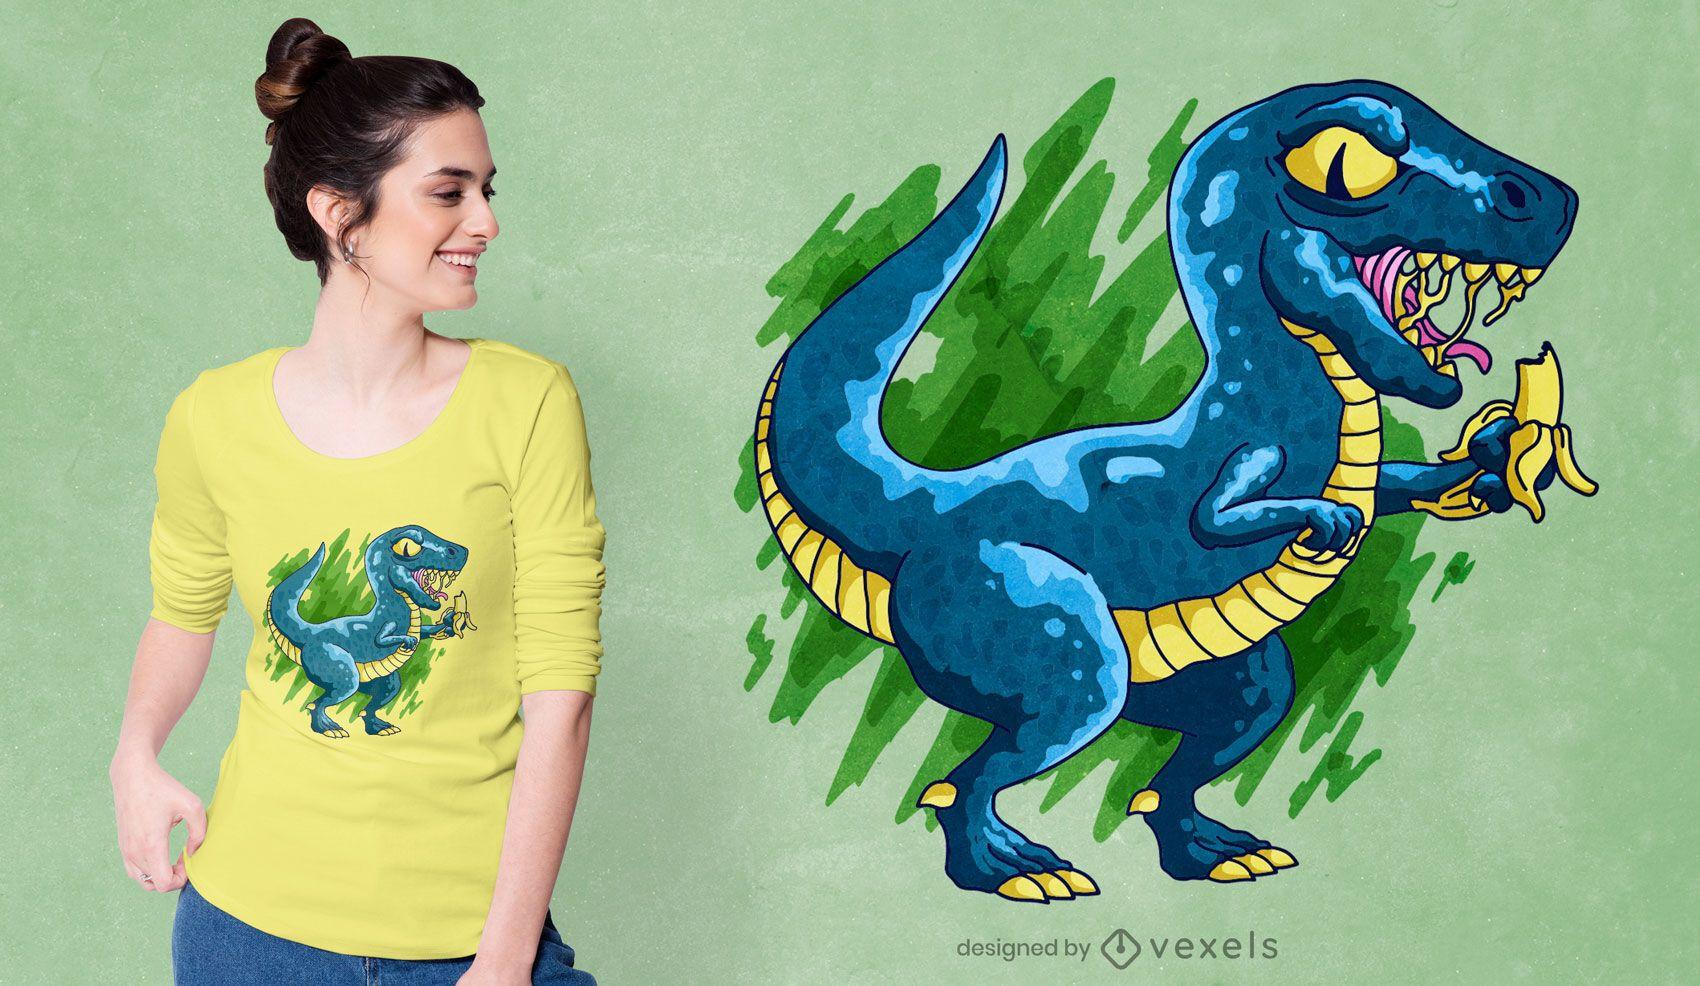 Dinosaur eating banana t-shirt design